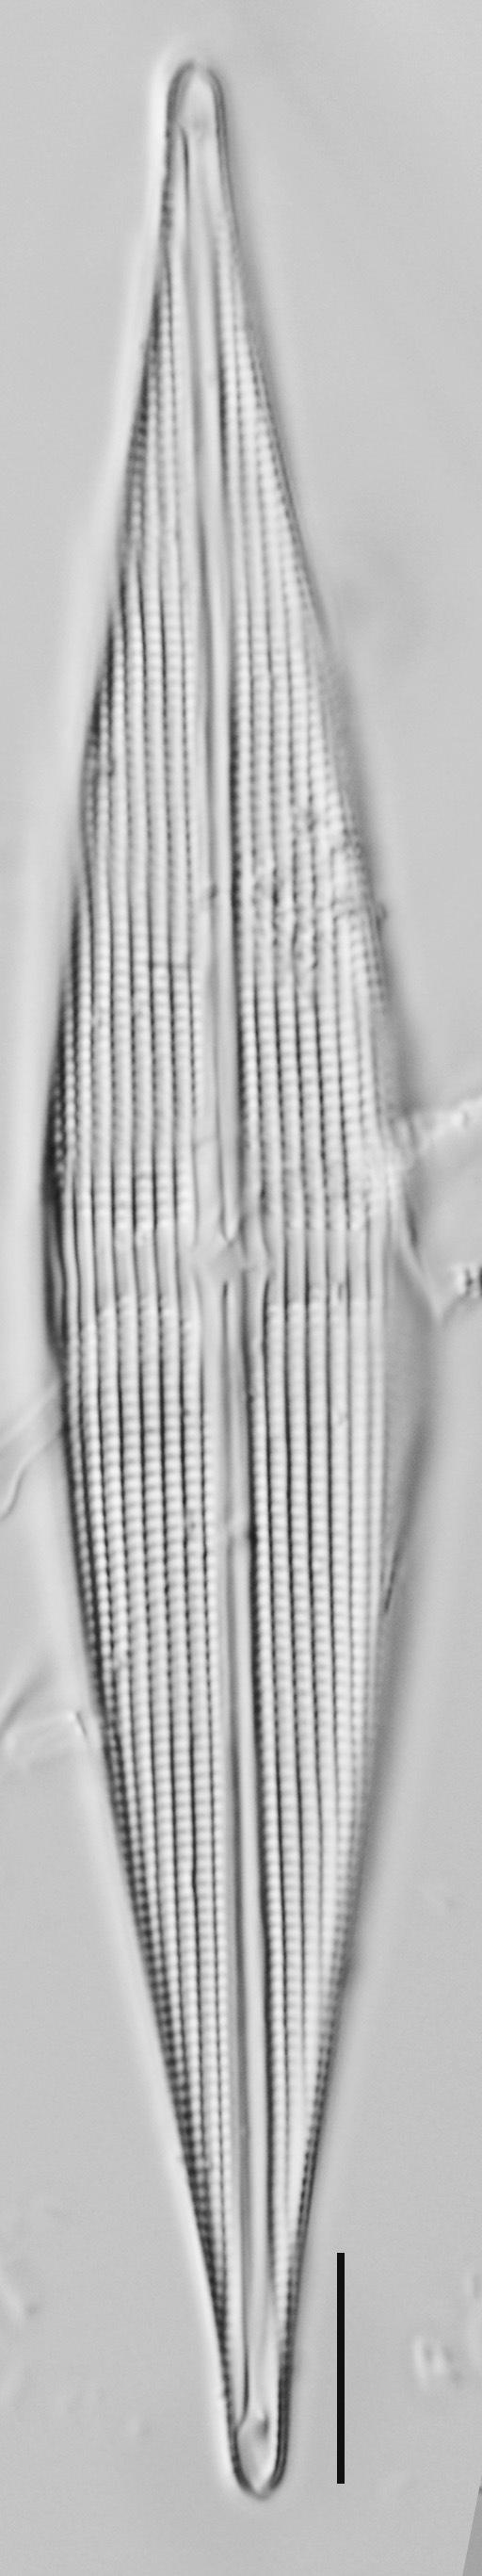 Stauroneis staurolineata LM5